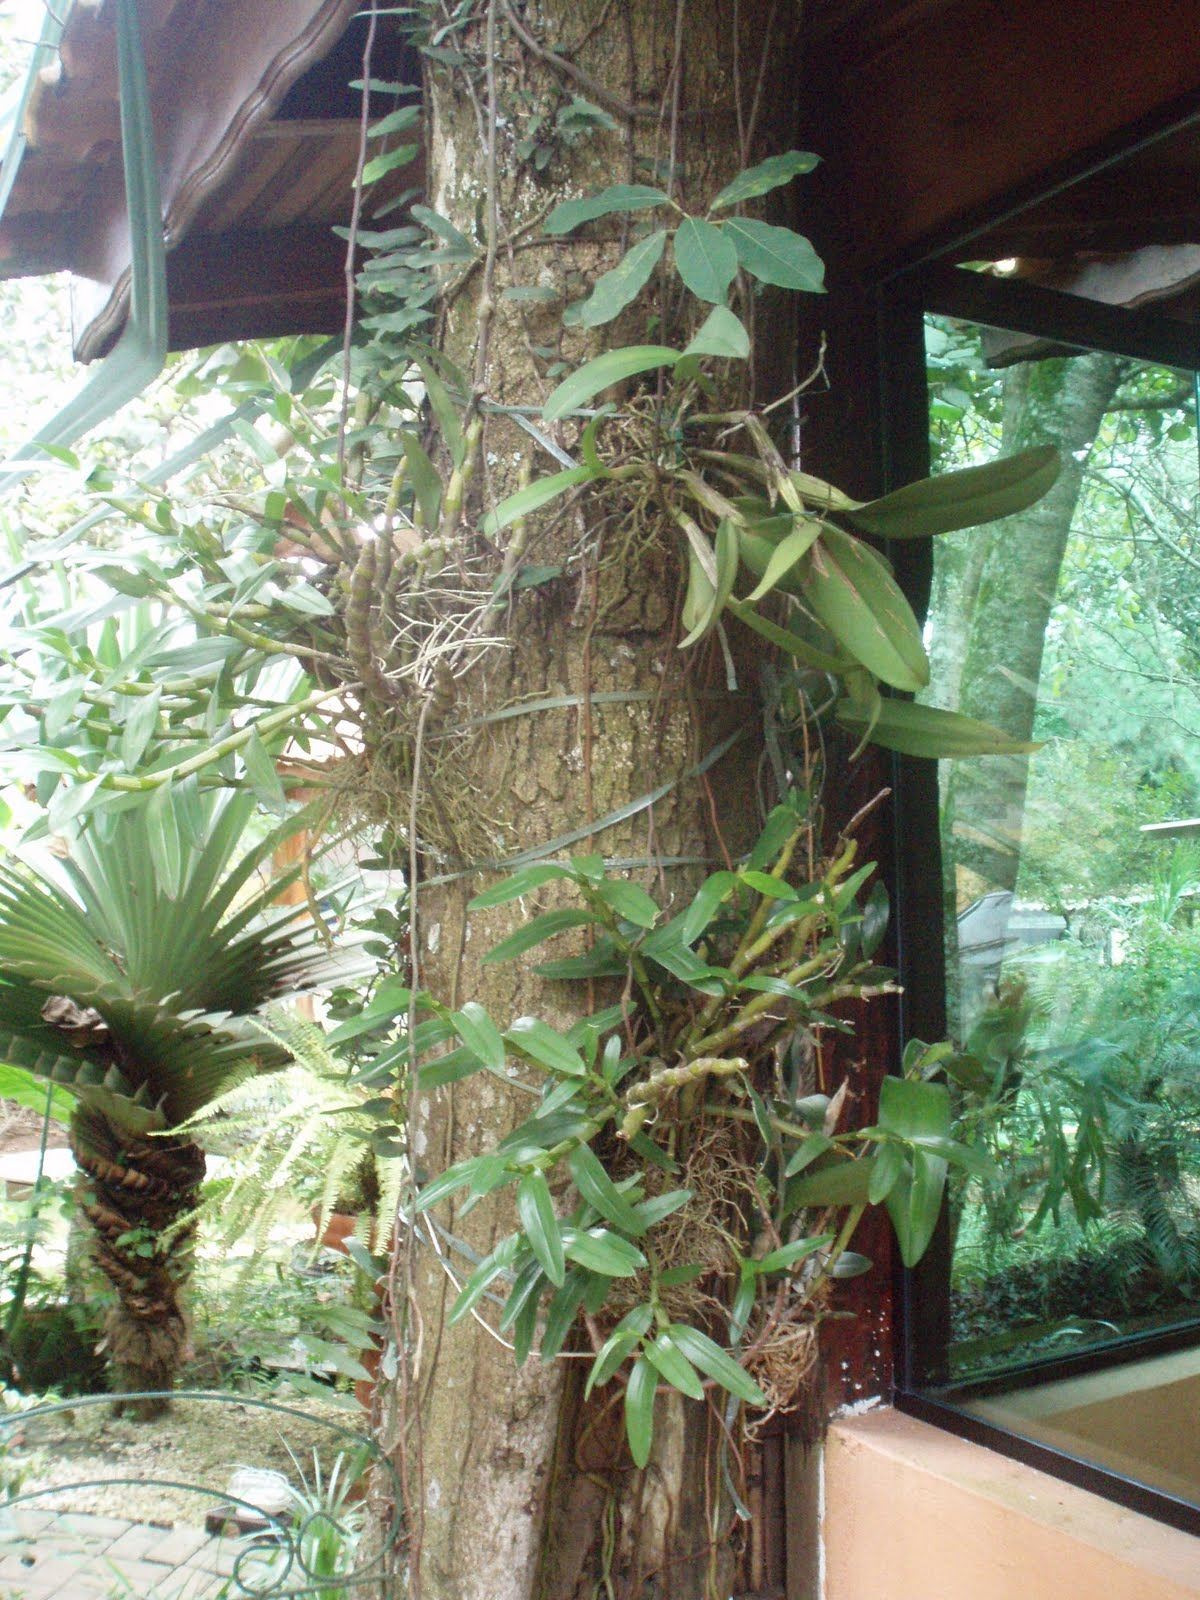 de vidro que possibilita contemplar a paisagem desse jardim tropical